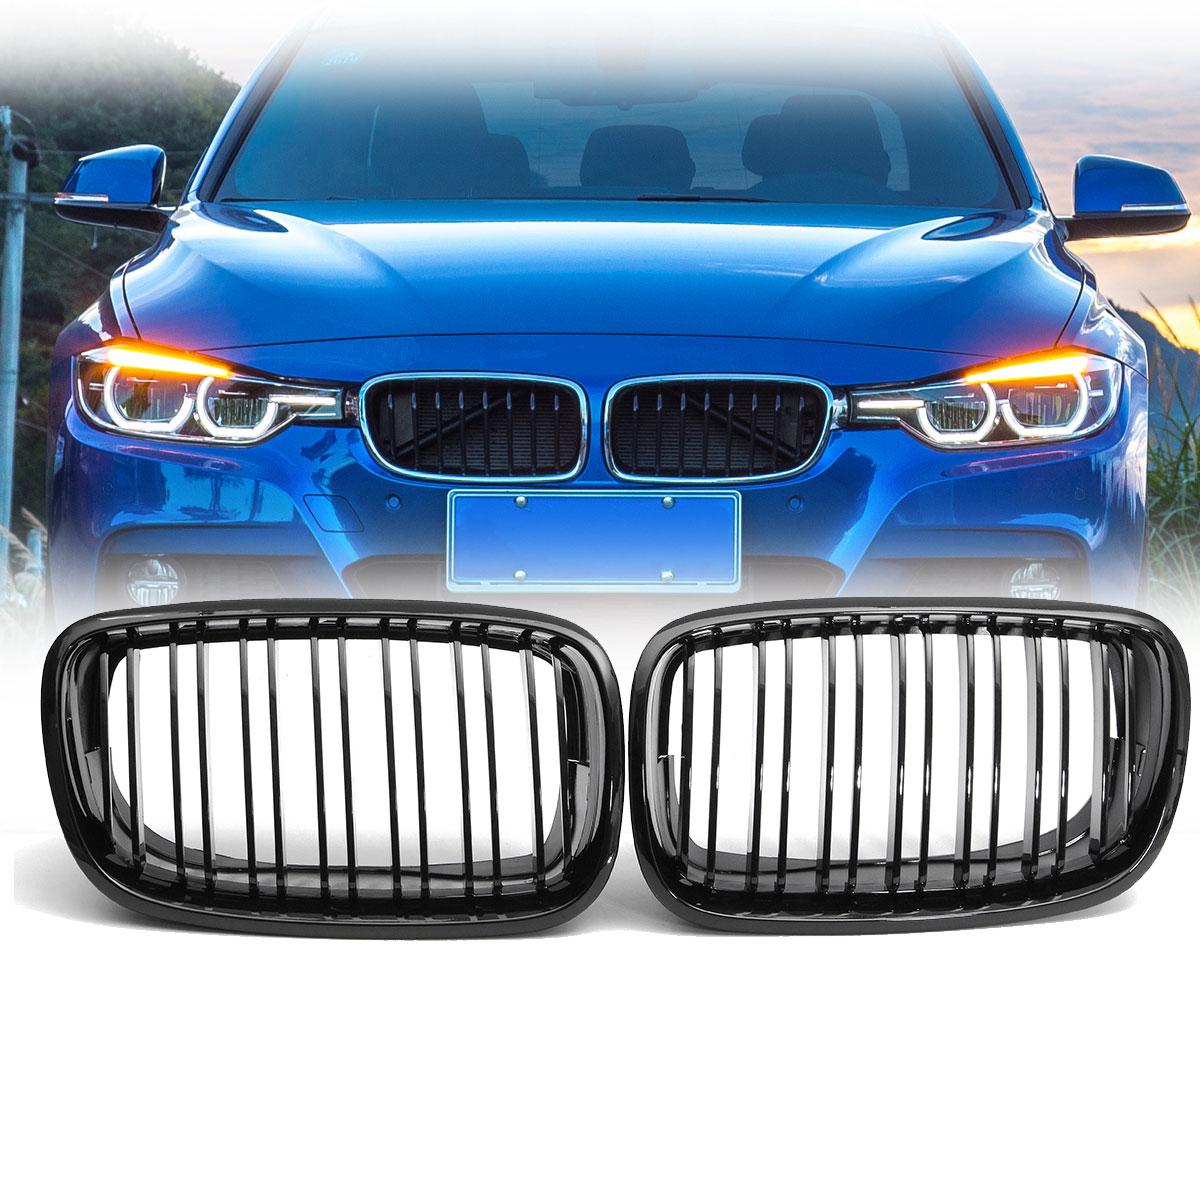 Paire Mat/Brillant Noir Double Lame Calandre Calandre Pour BMW X5 X6 E70 E71 2007-2013 car Styling Racing Grills